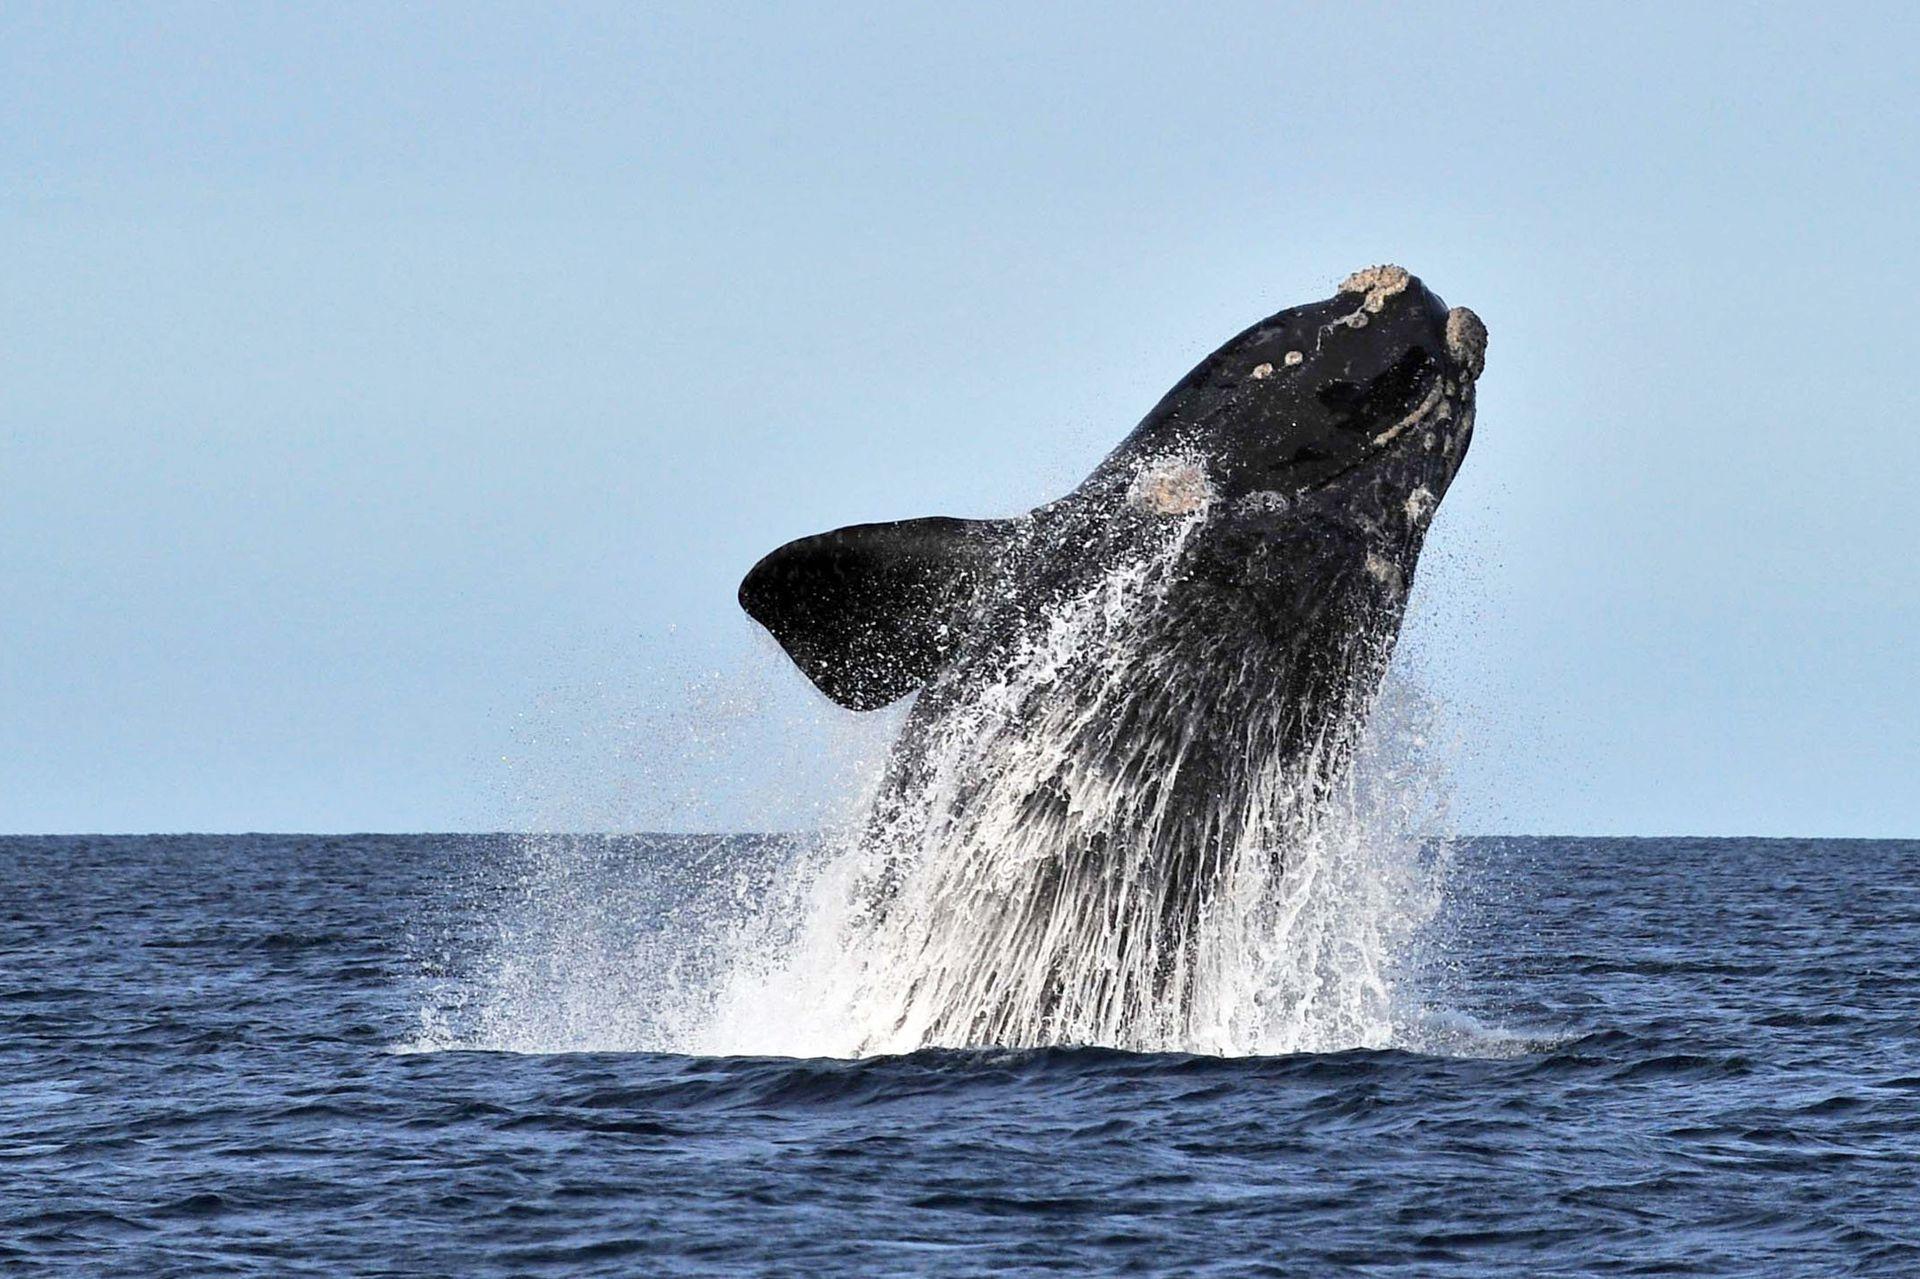 Un gran salto de una ballena franca en las aguas de Península Valdés